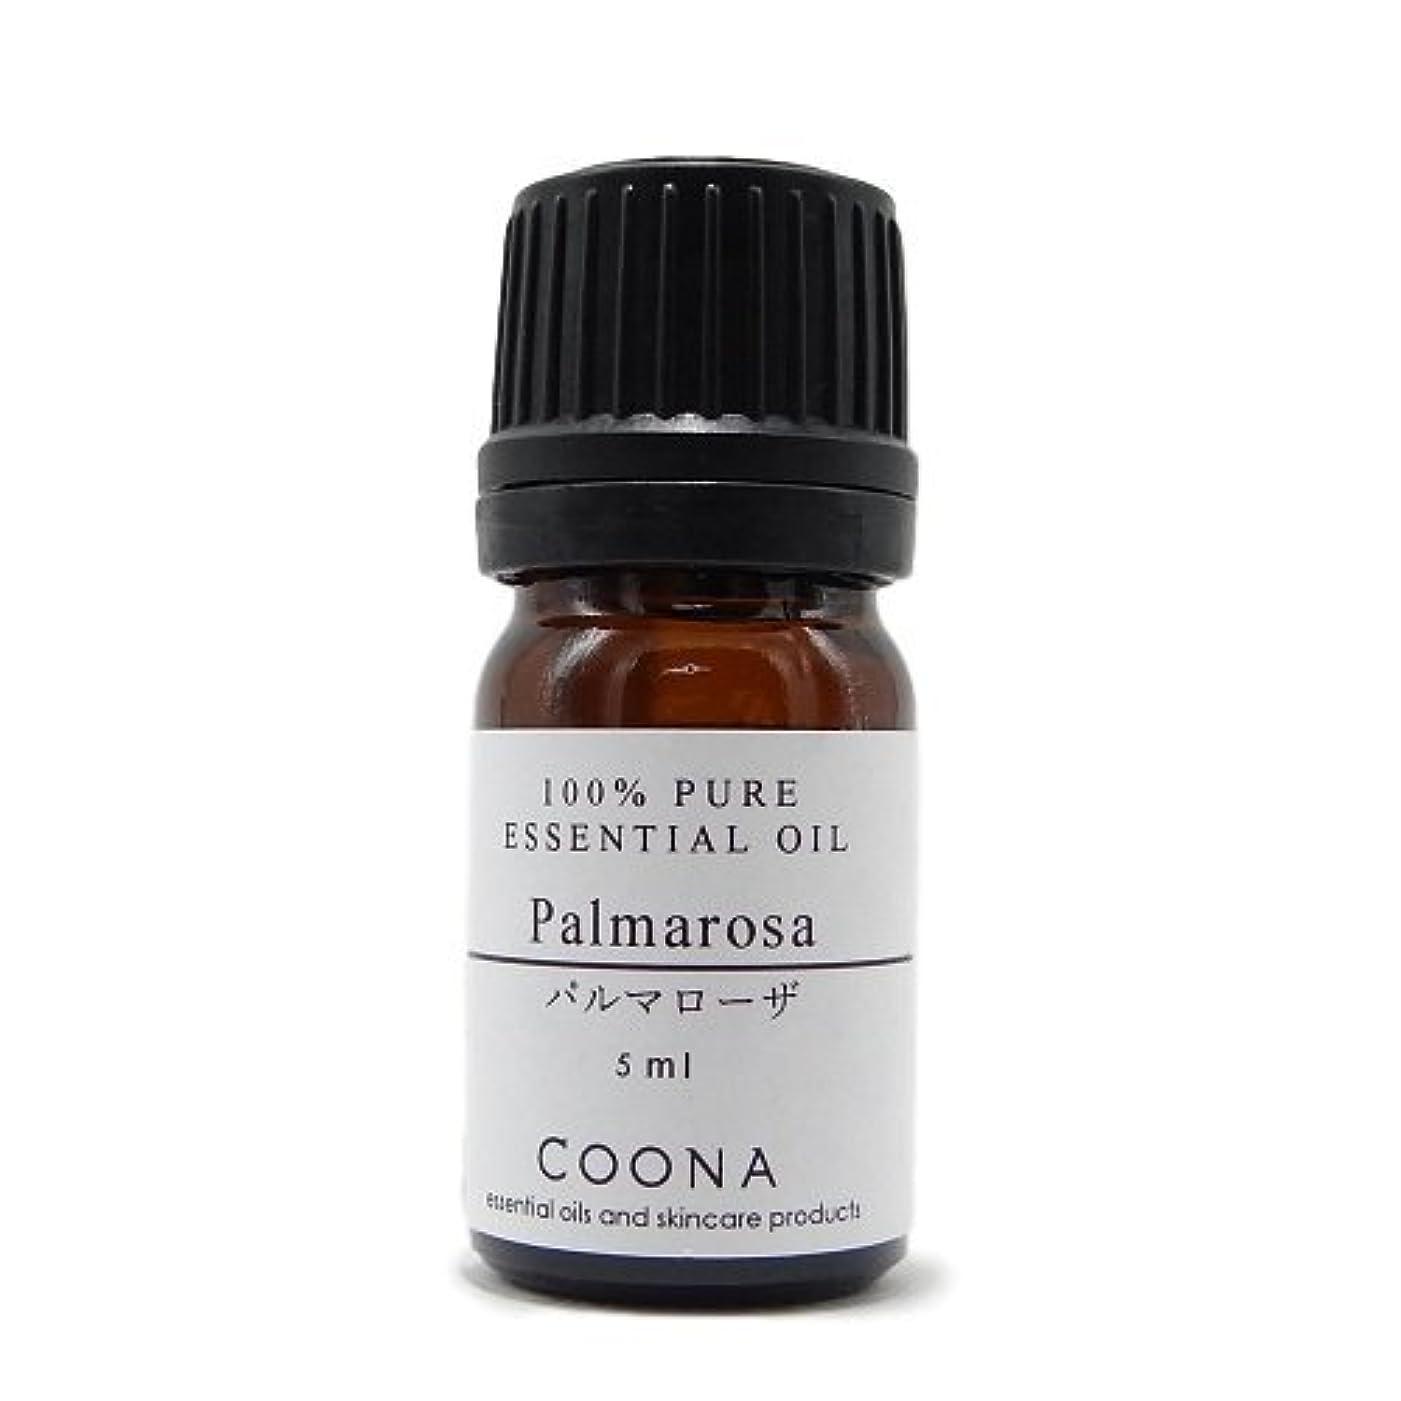 ズーム売る原理パルマローザ 5 ml (COONA エッセンシャルオイル アロマオイル 100%天然植物精油)